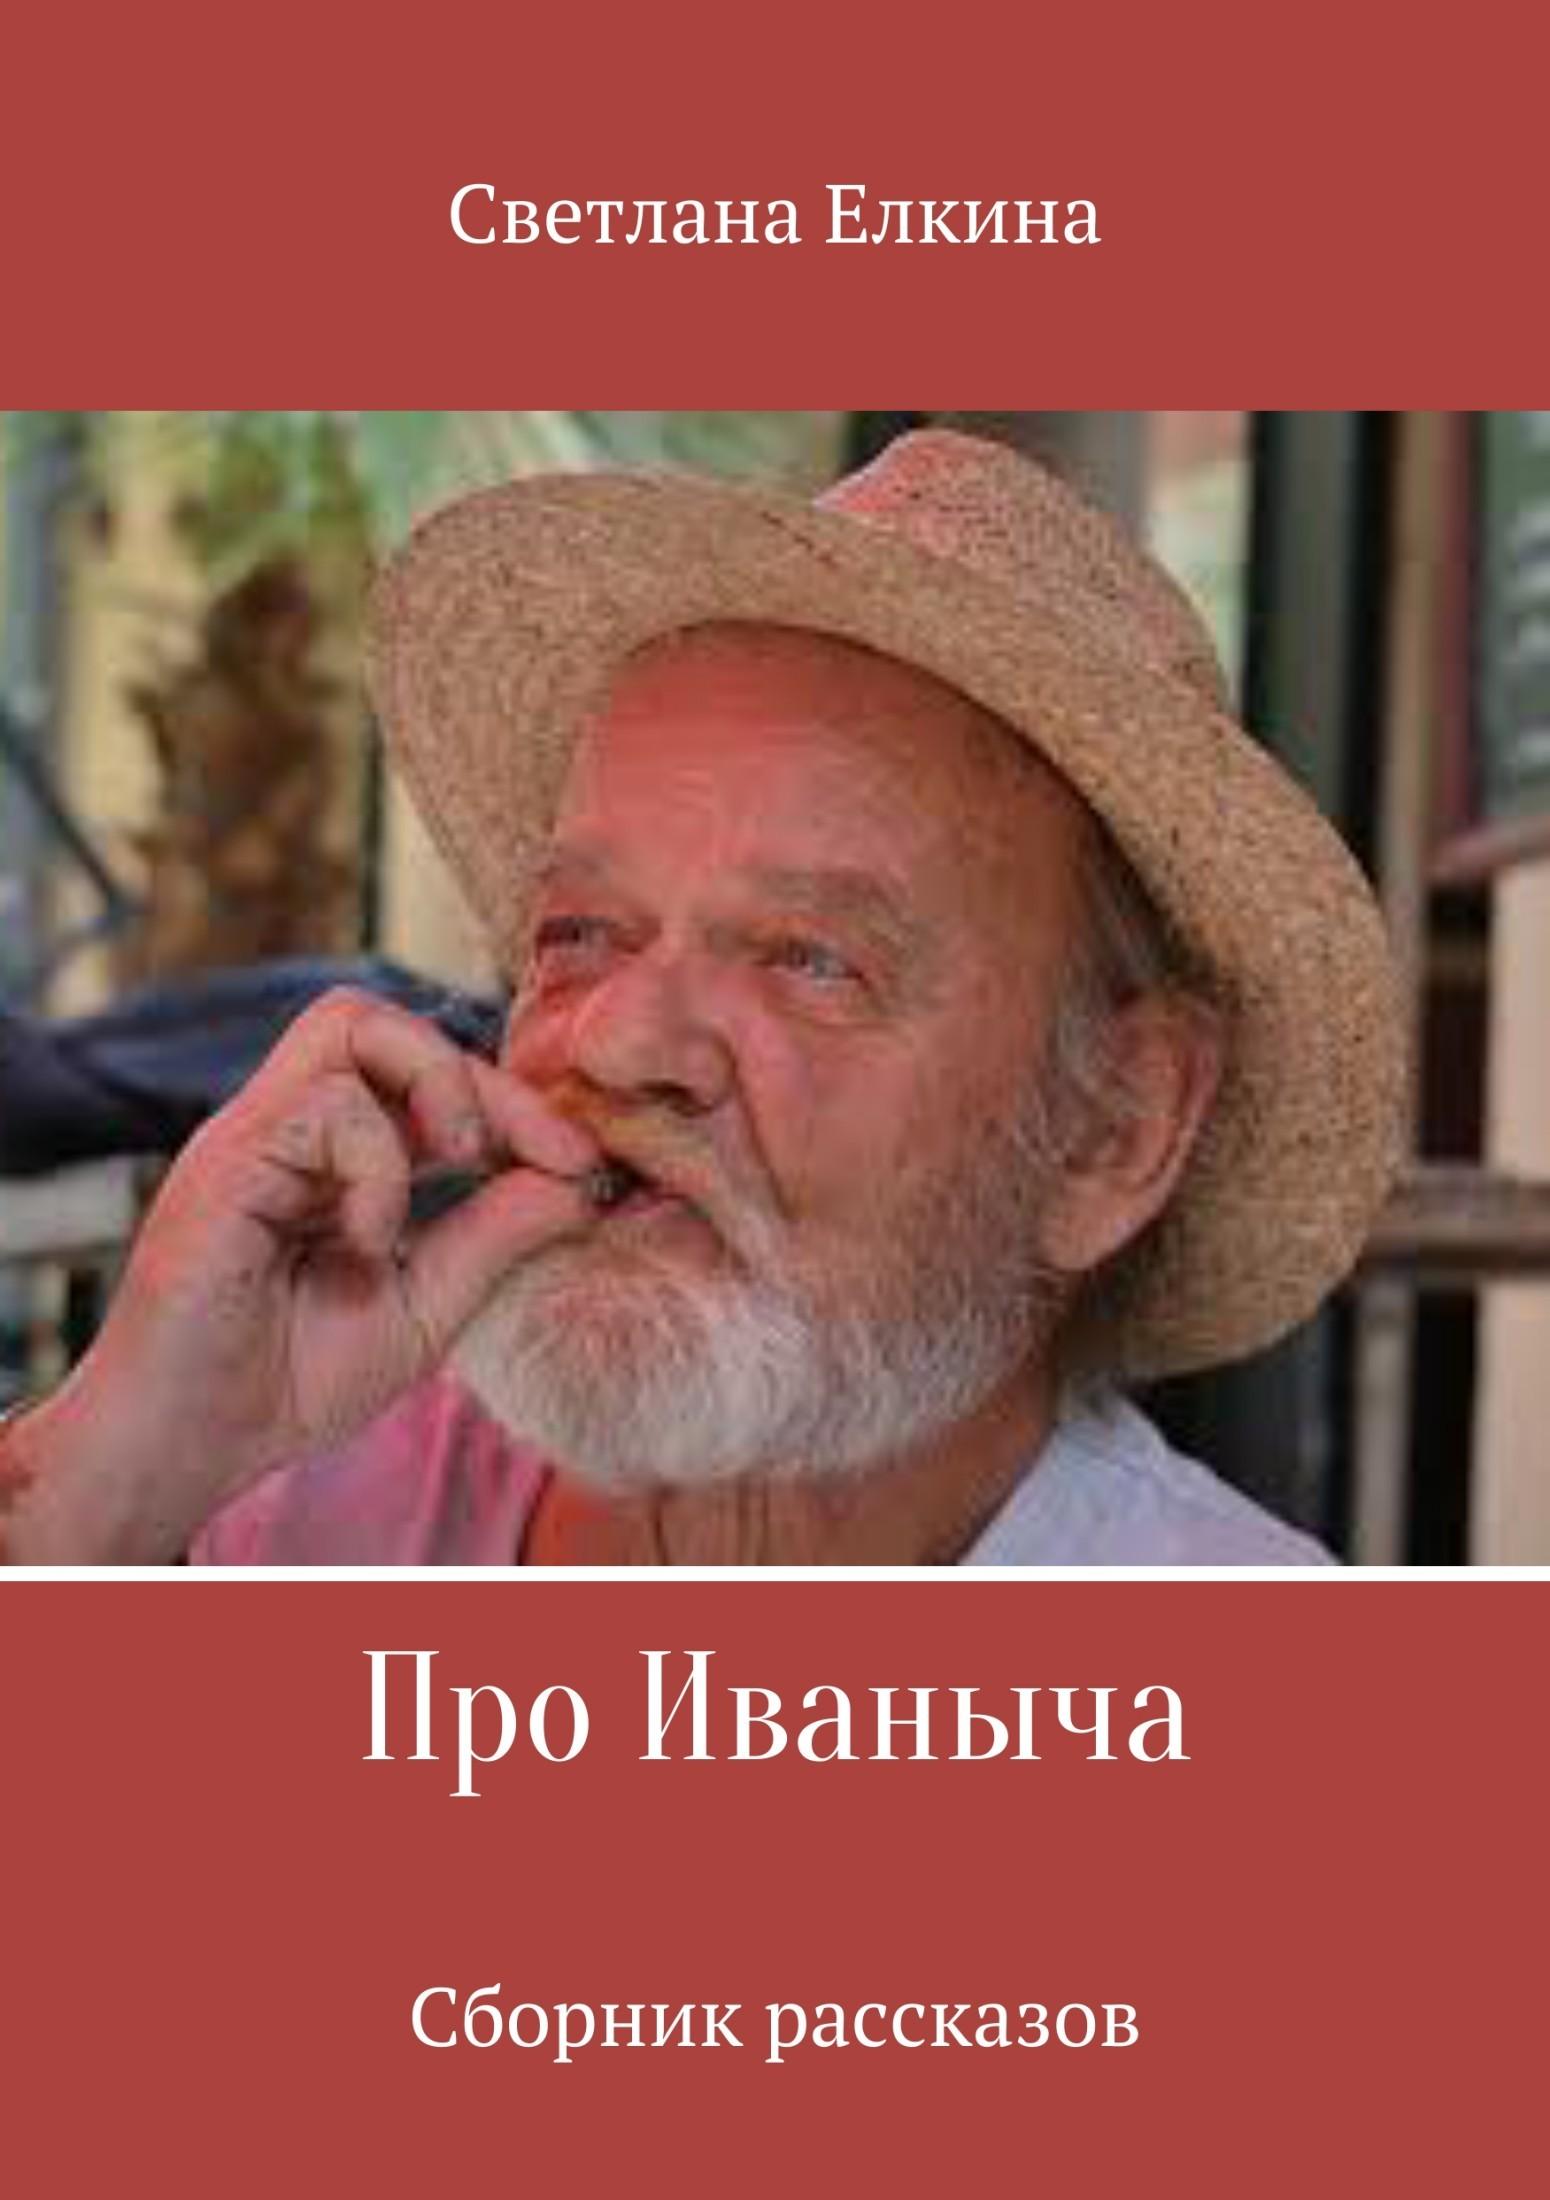 Про Иваныча. Сборник рассказов